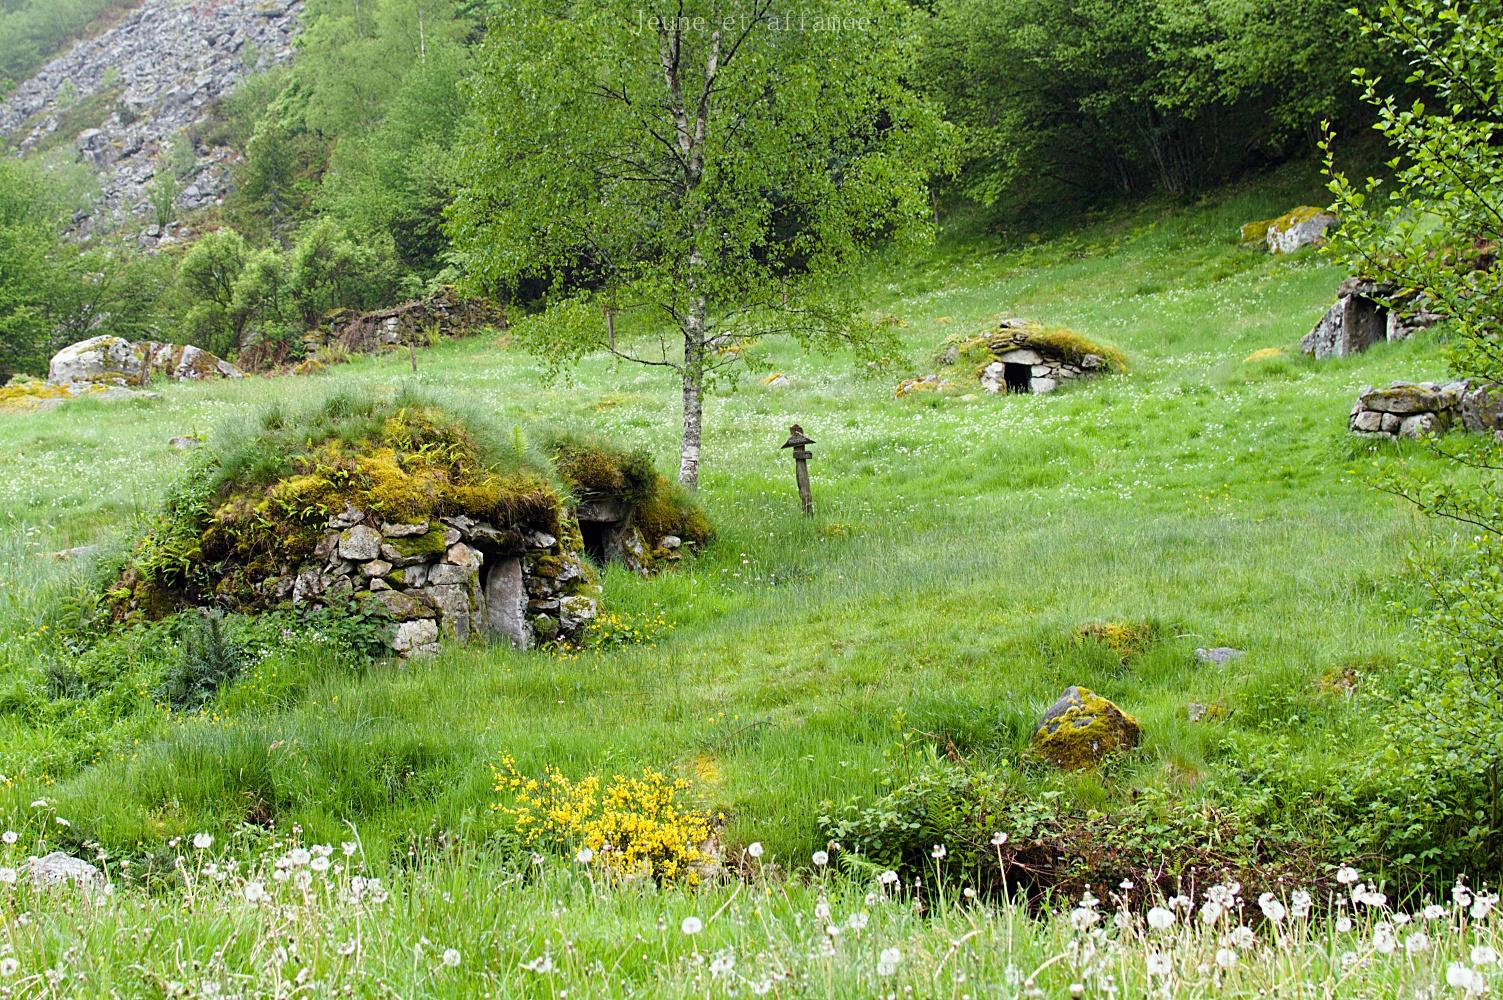 Le village d'estive de Peyre auselère et ses cabanes en pierre sèche